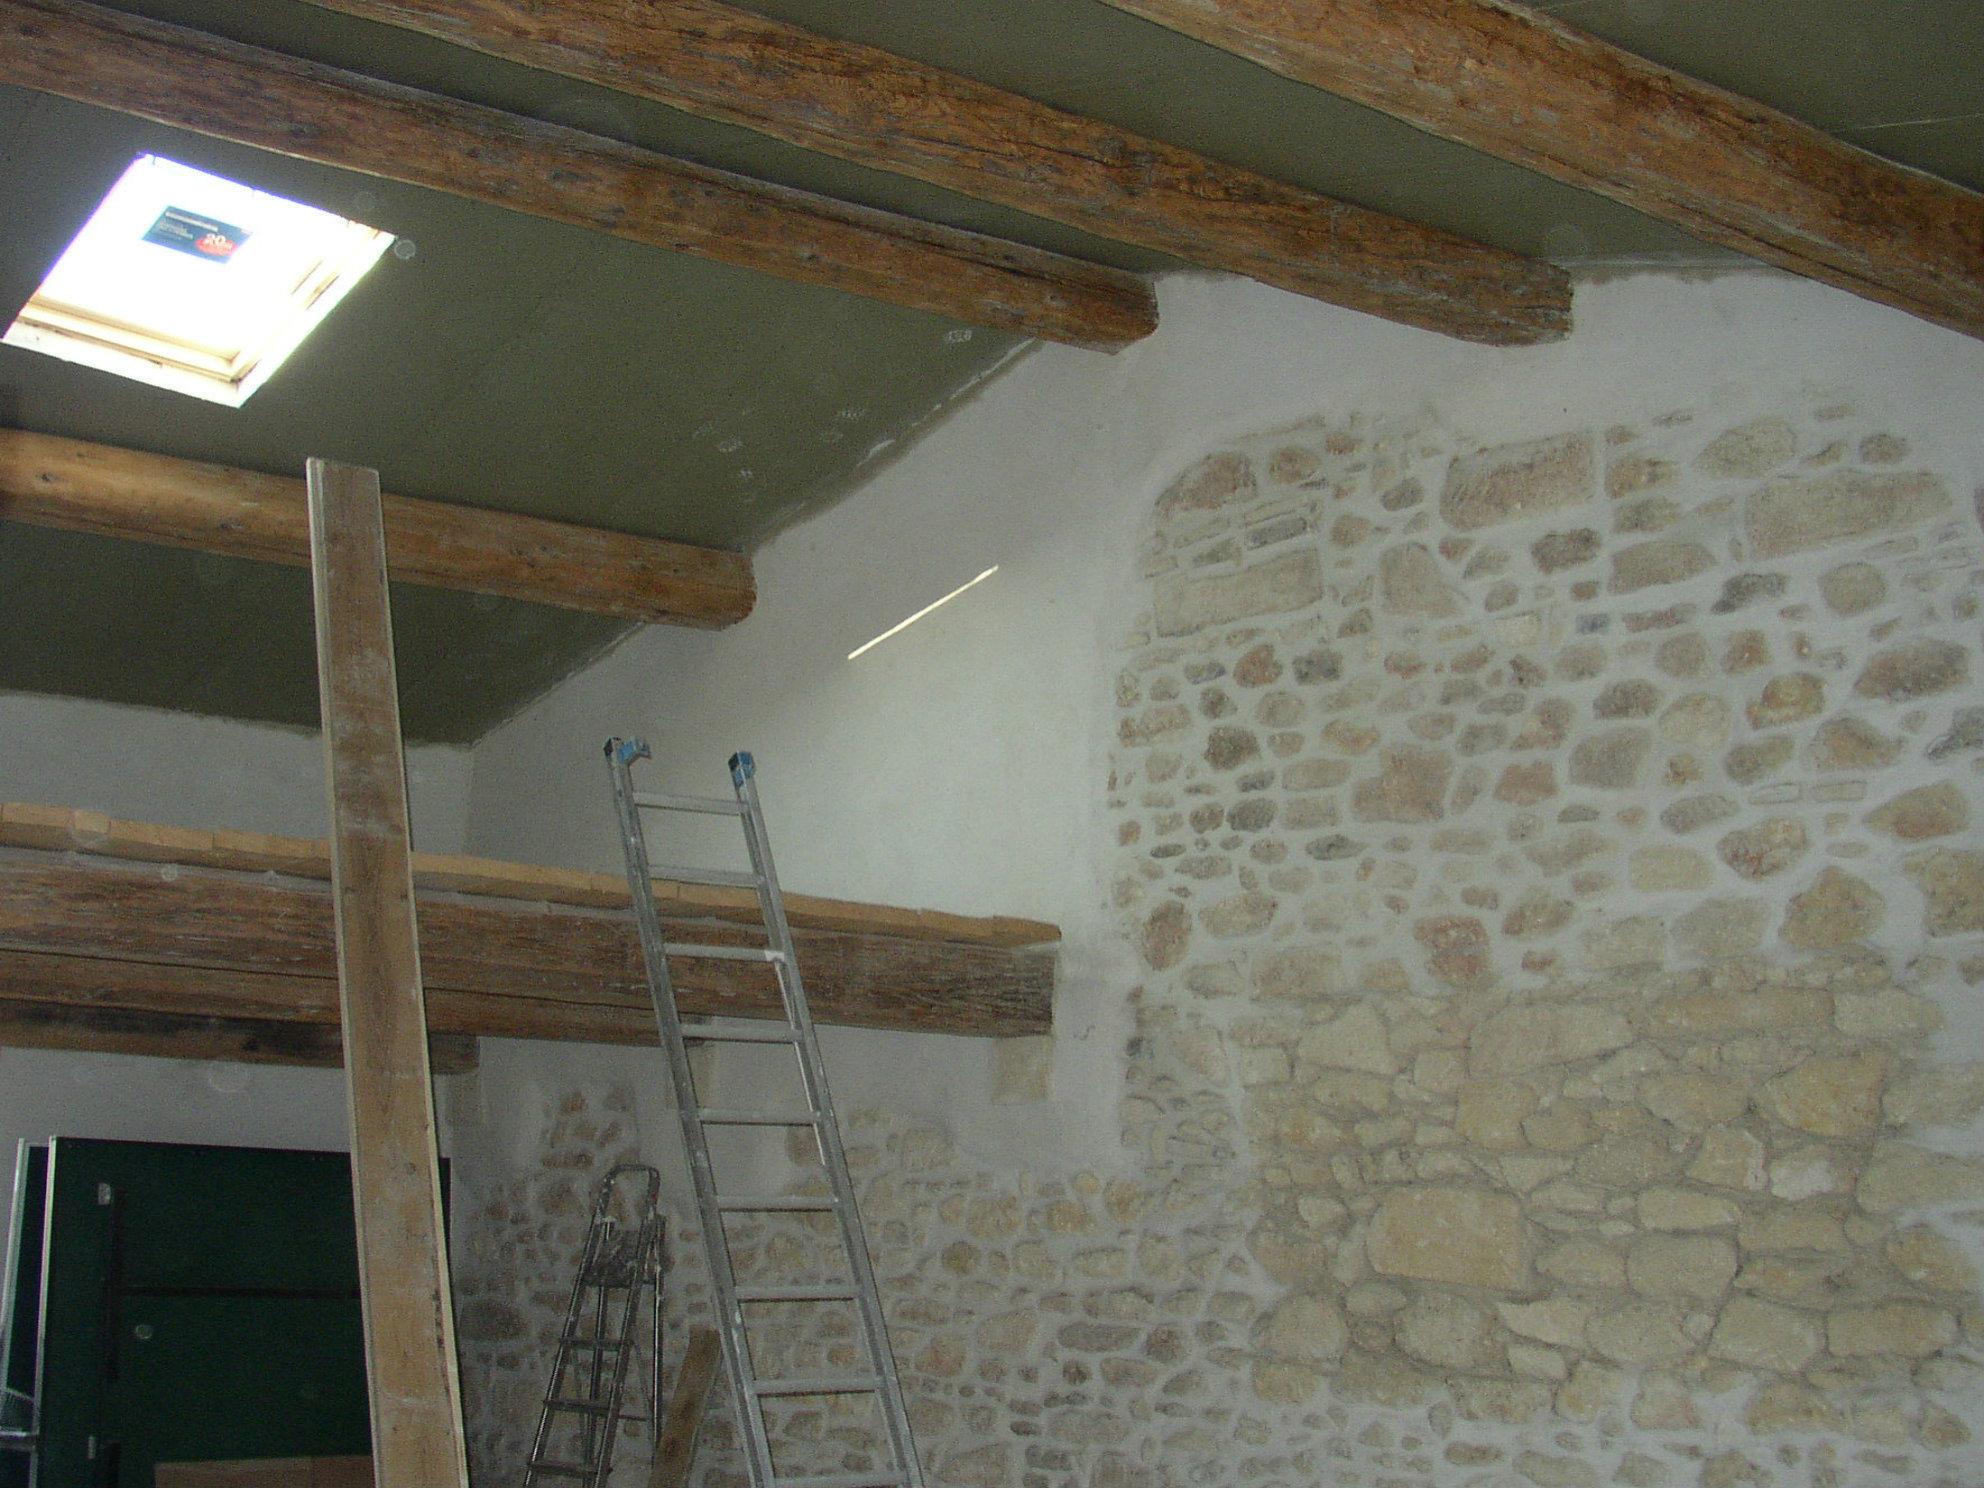 Desportes rénovation, maison Hérault, création d'une fenêtre de toit, sous charpente de panneaux isolants de type sandwich